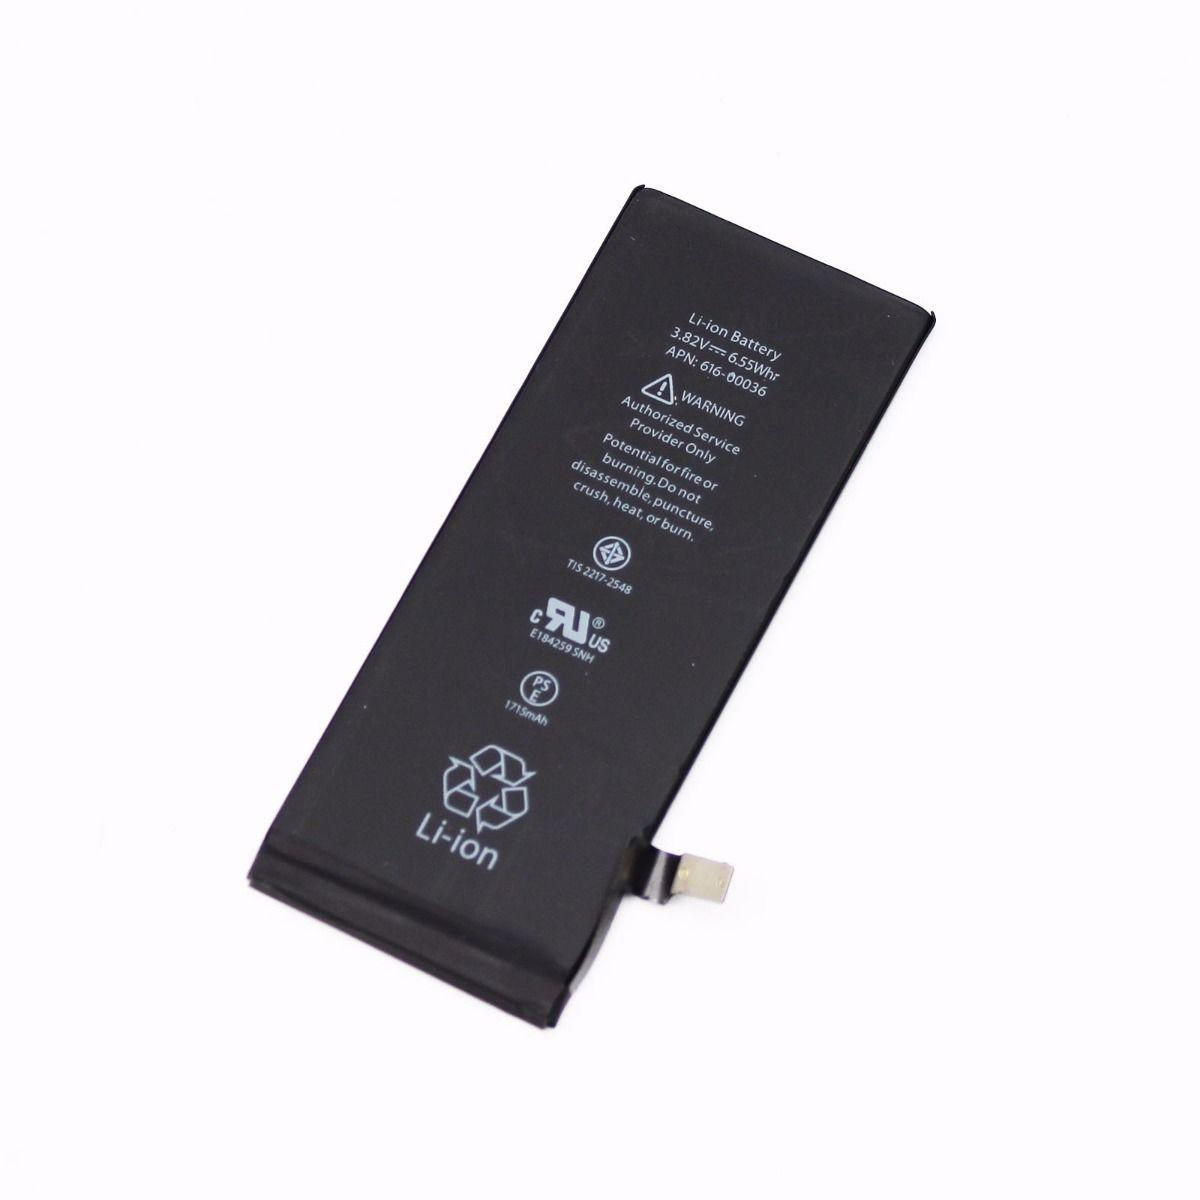 Bateria Iphone 6s Plus A1634 A1687 A1699 A1633 A1688 A1699  A1700